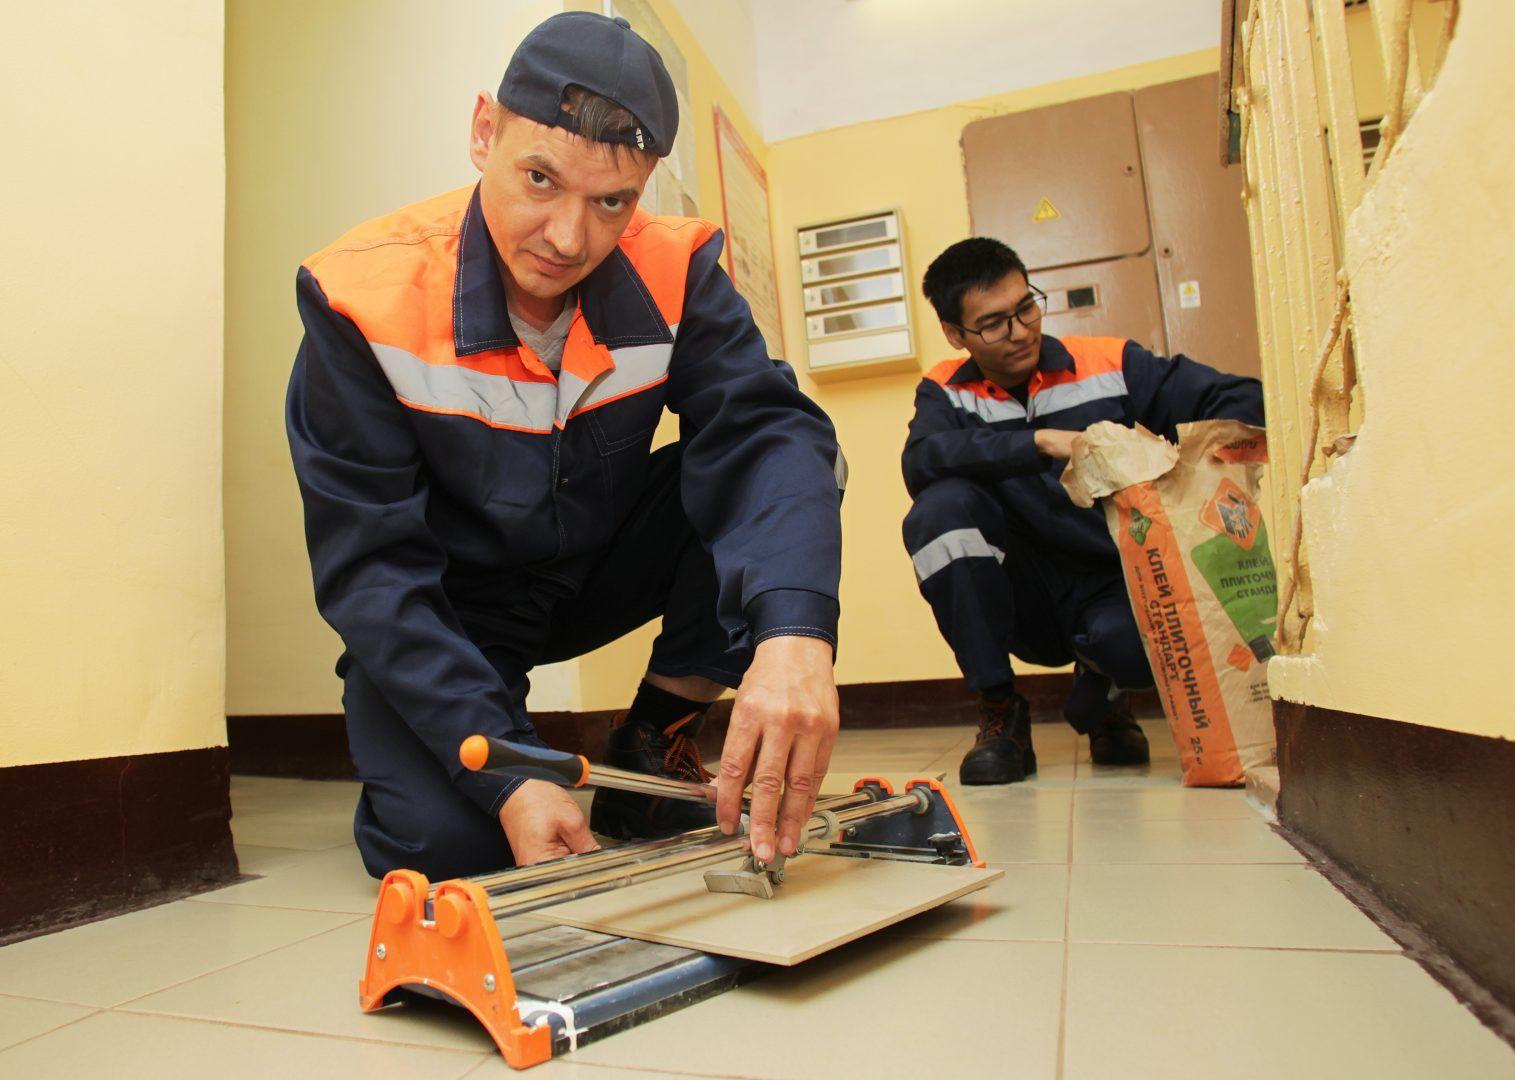 Подрядчики проведут ремонт в школе городского округа Троицк. Фото: Наталия Нечаева «Вечерняя Москва»